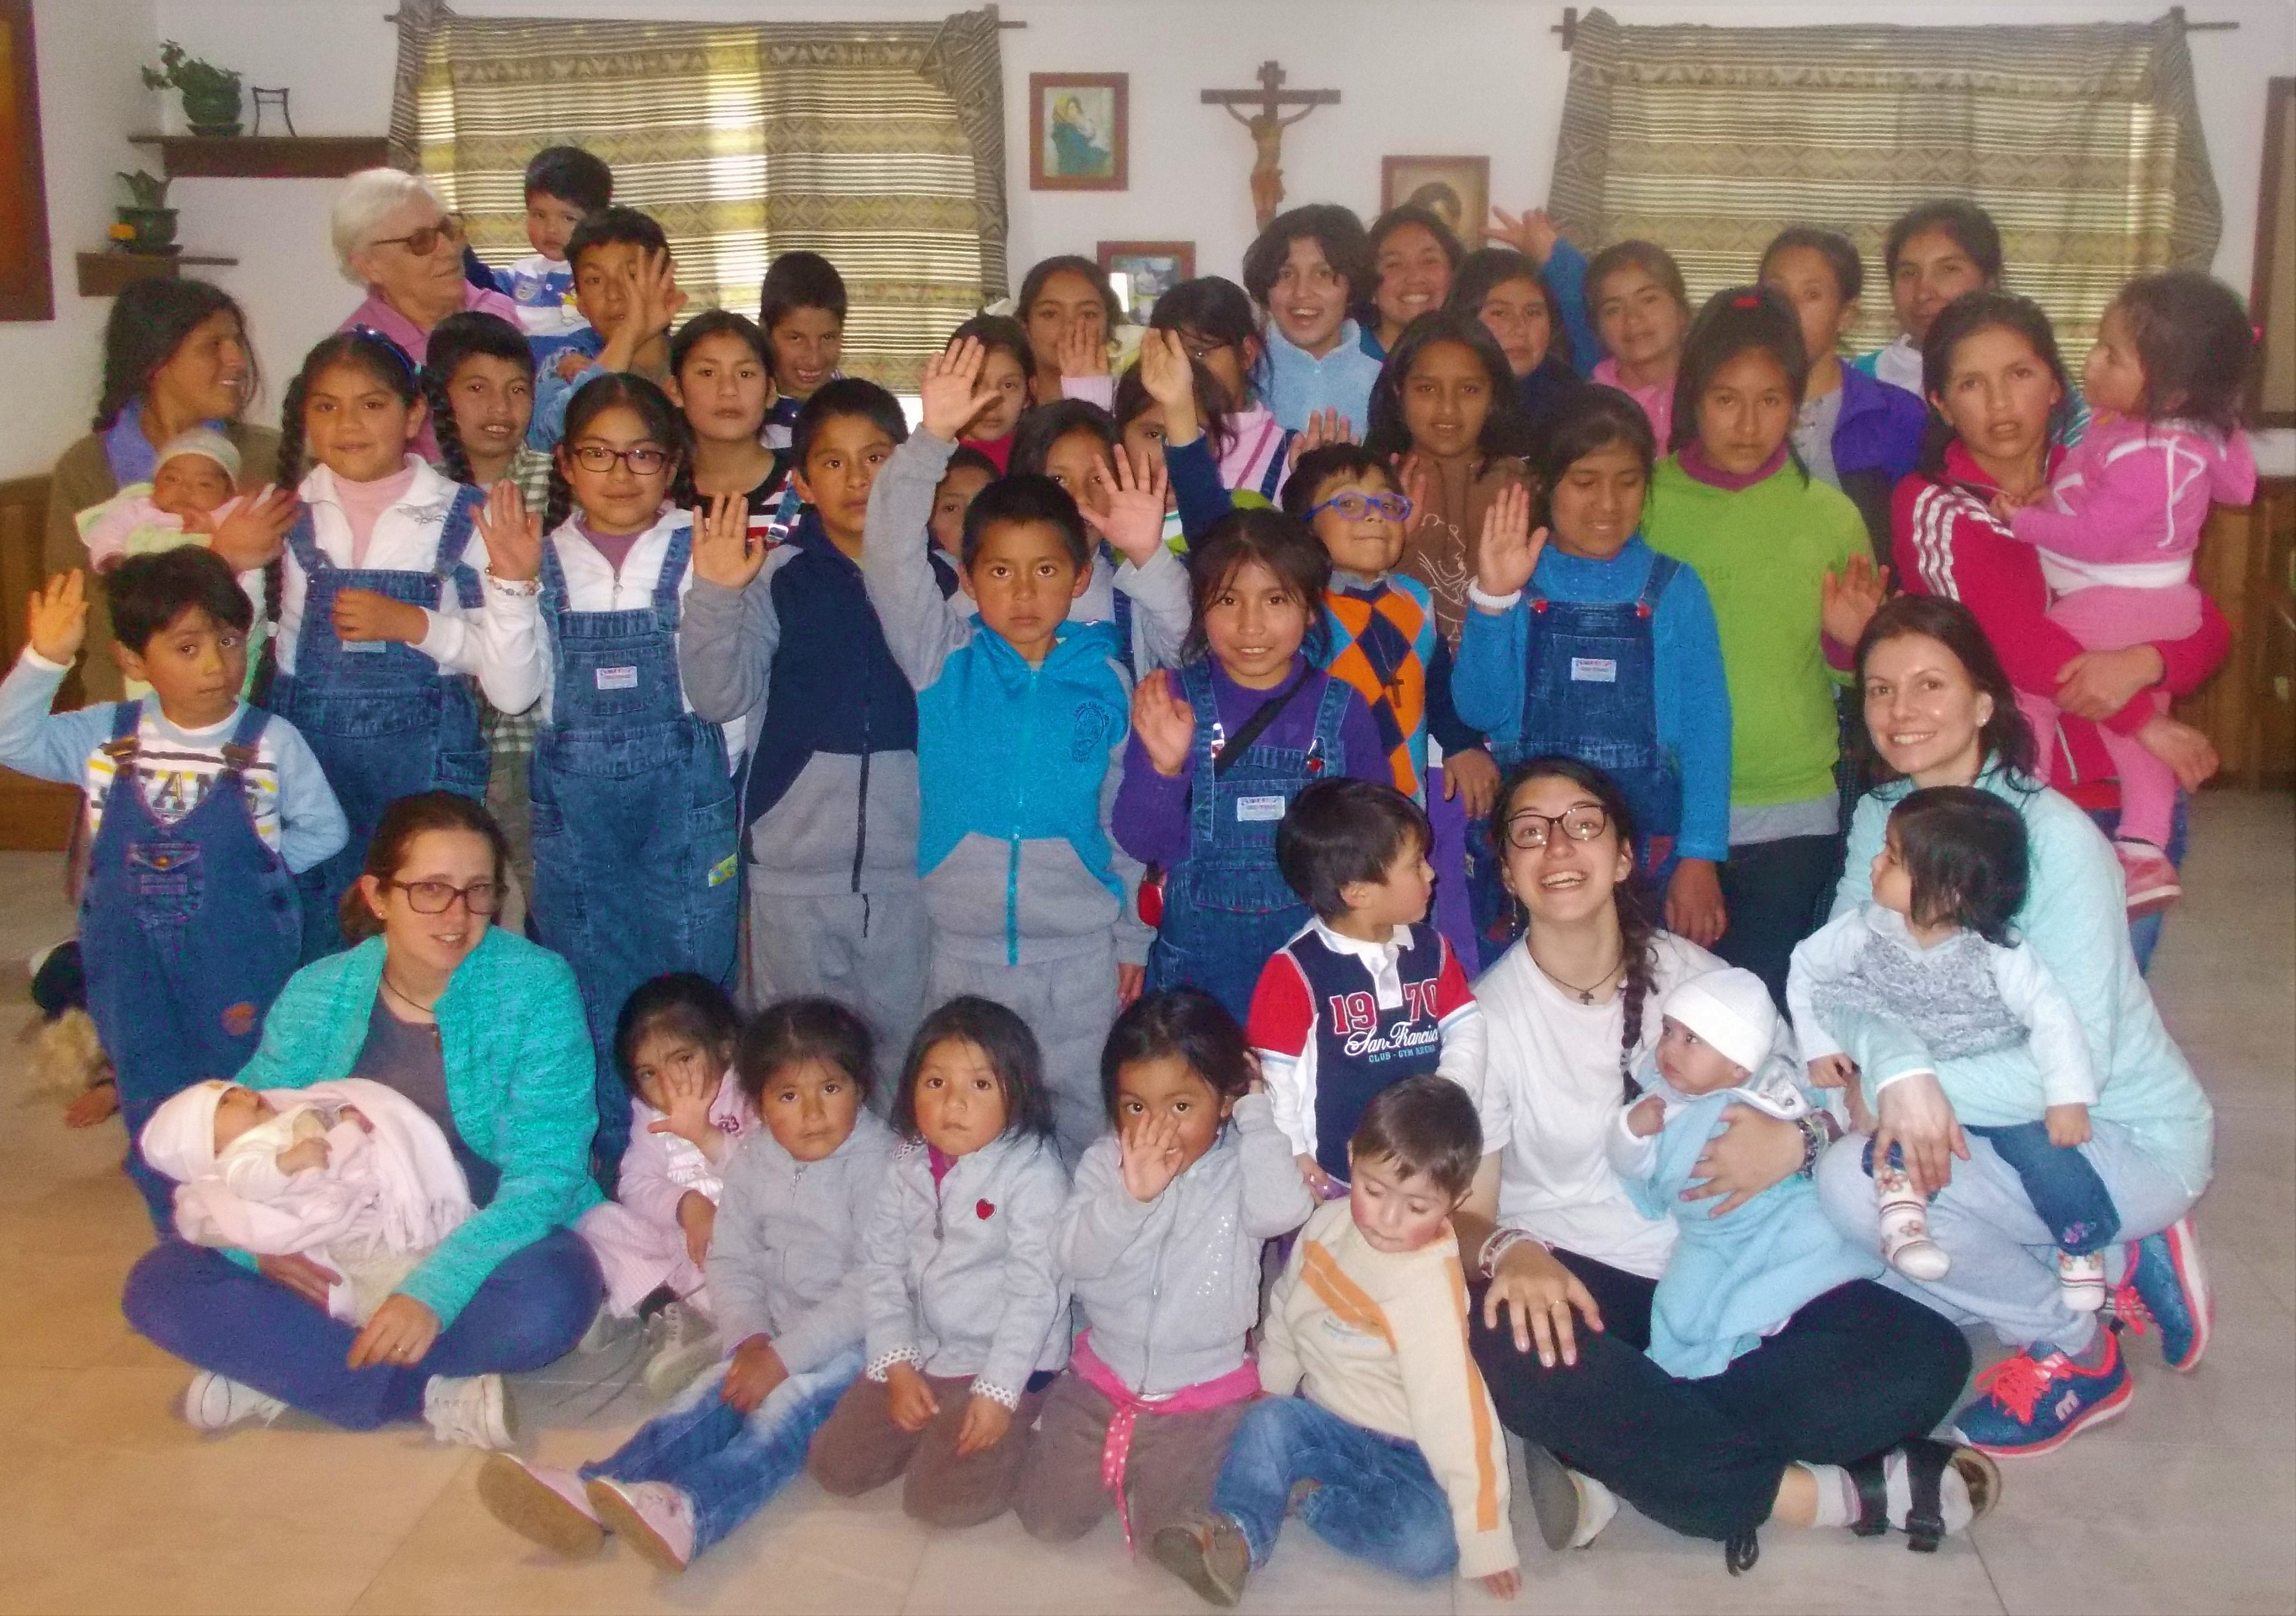 Casa degli orfanelli Sara